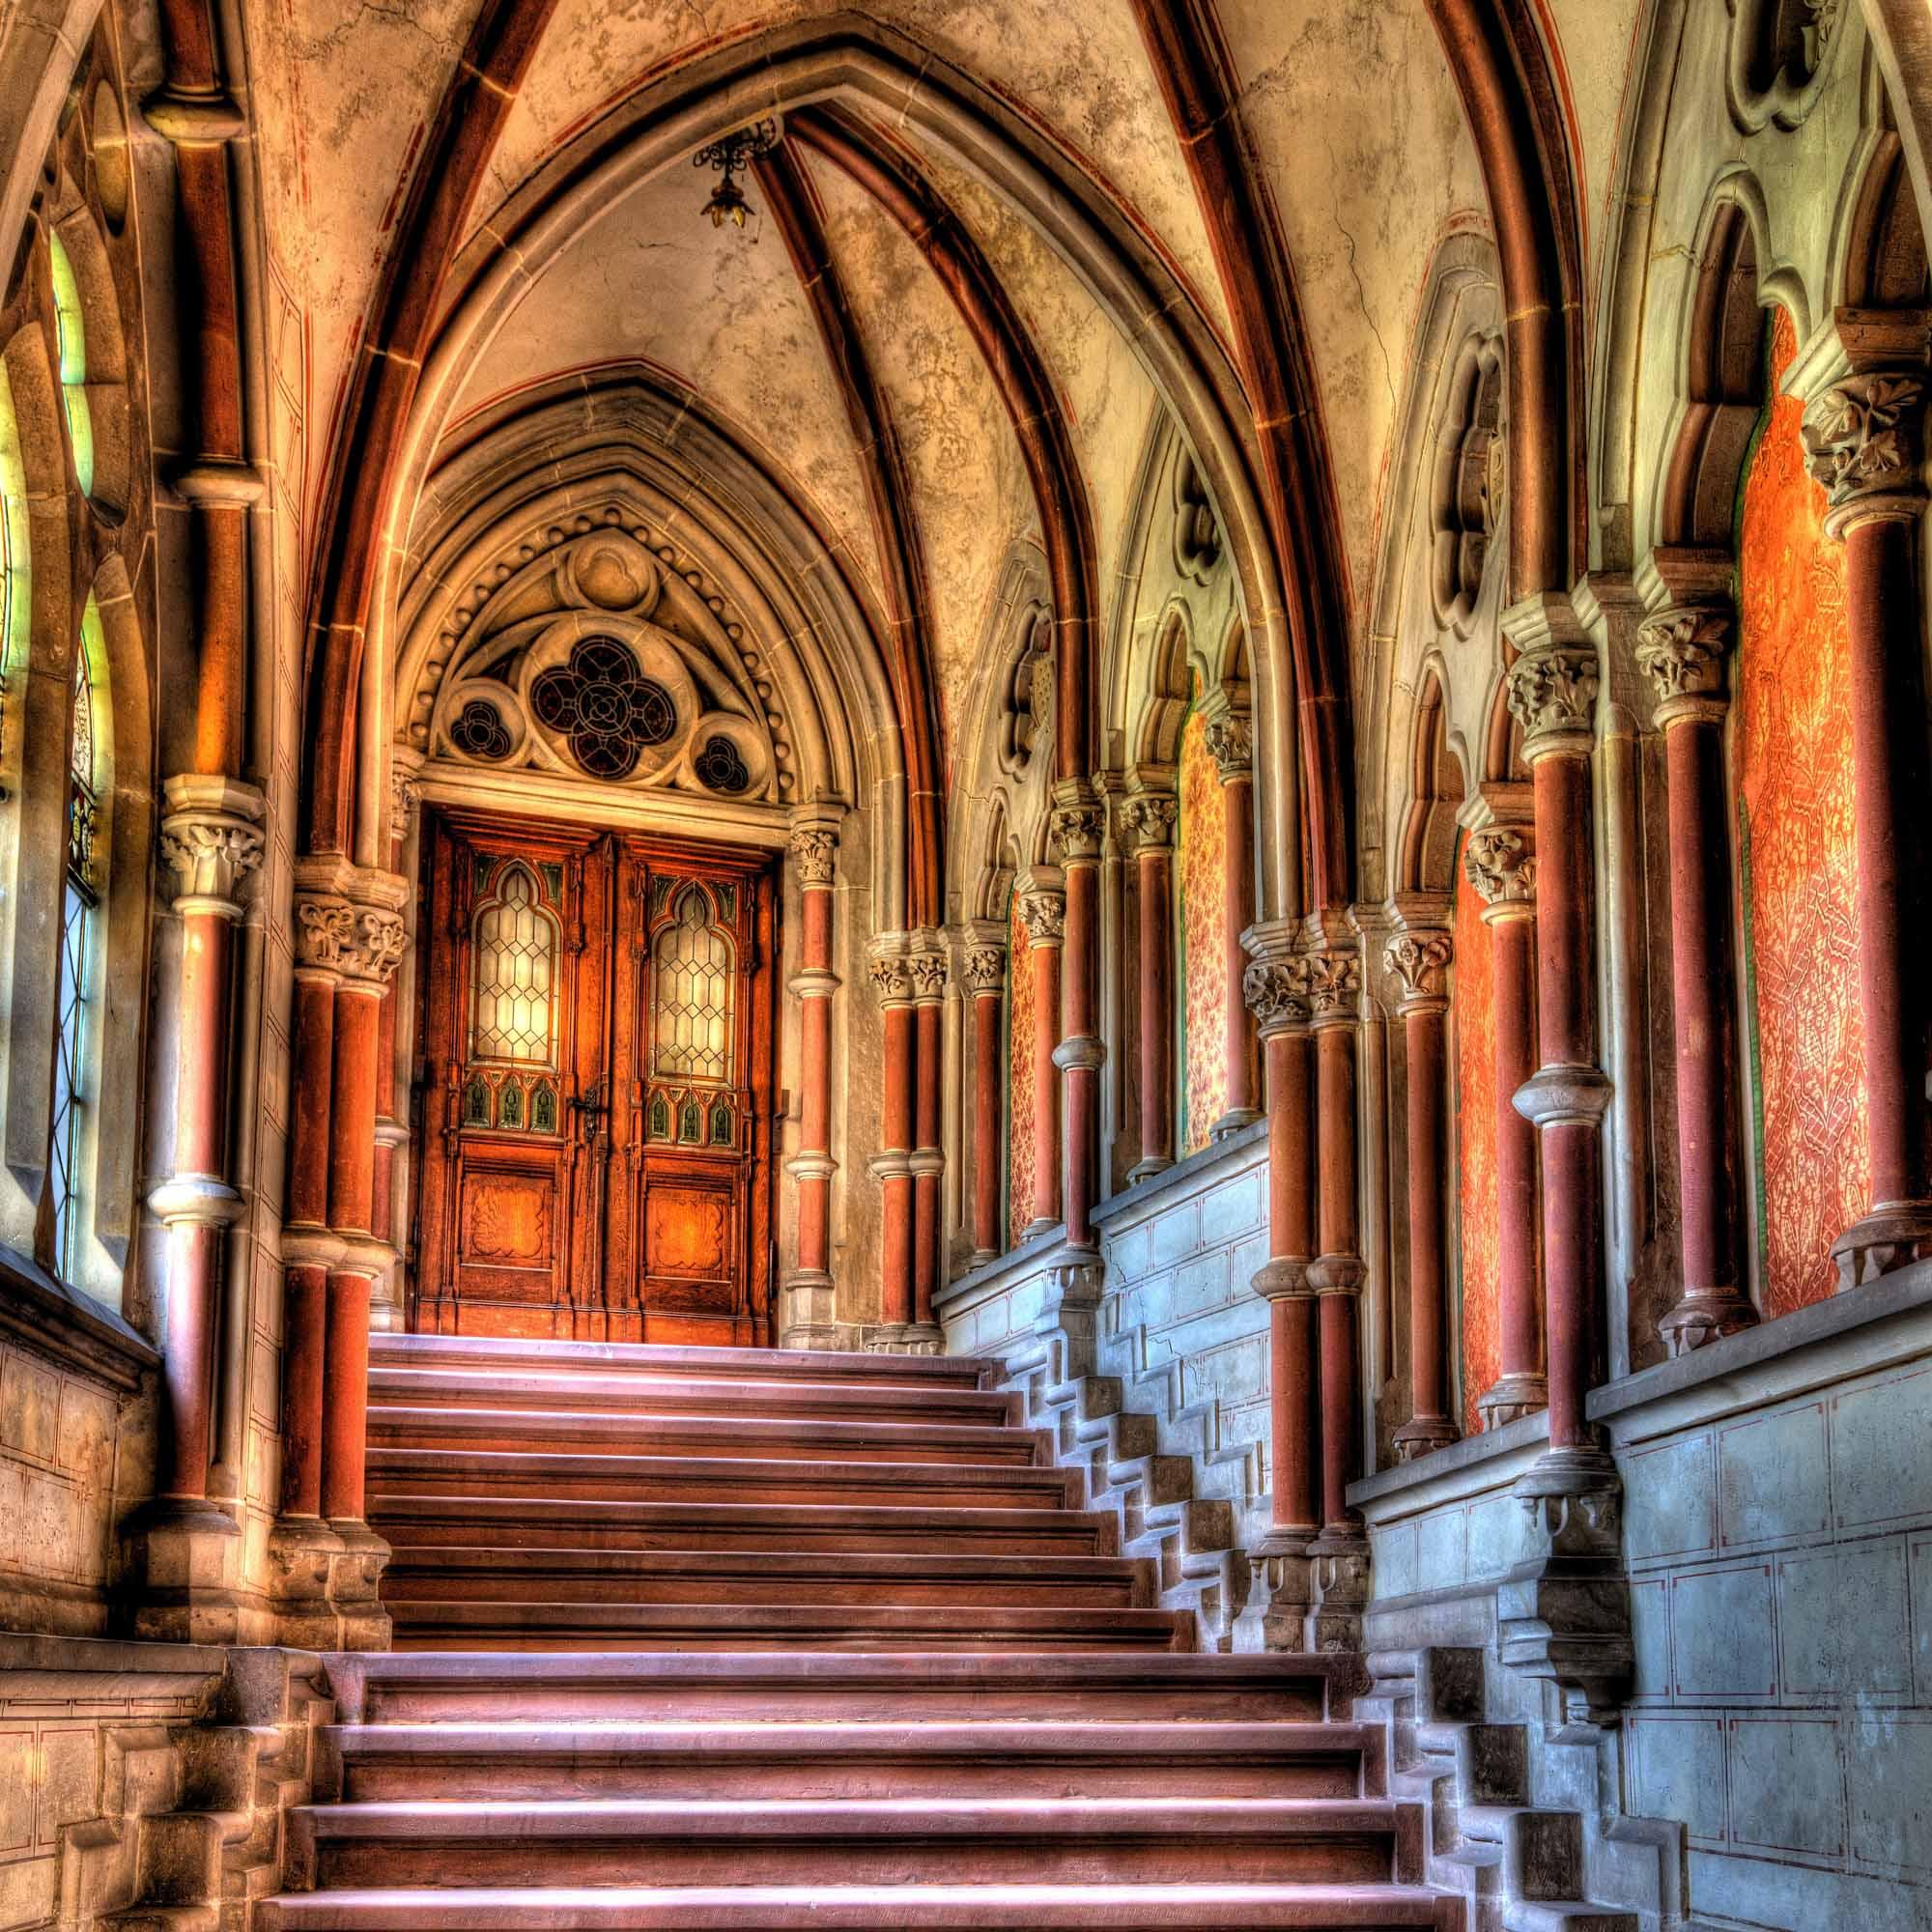 Interior stairs at Bentheim Castle